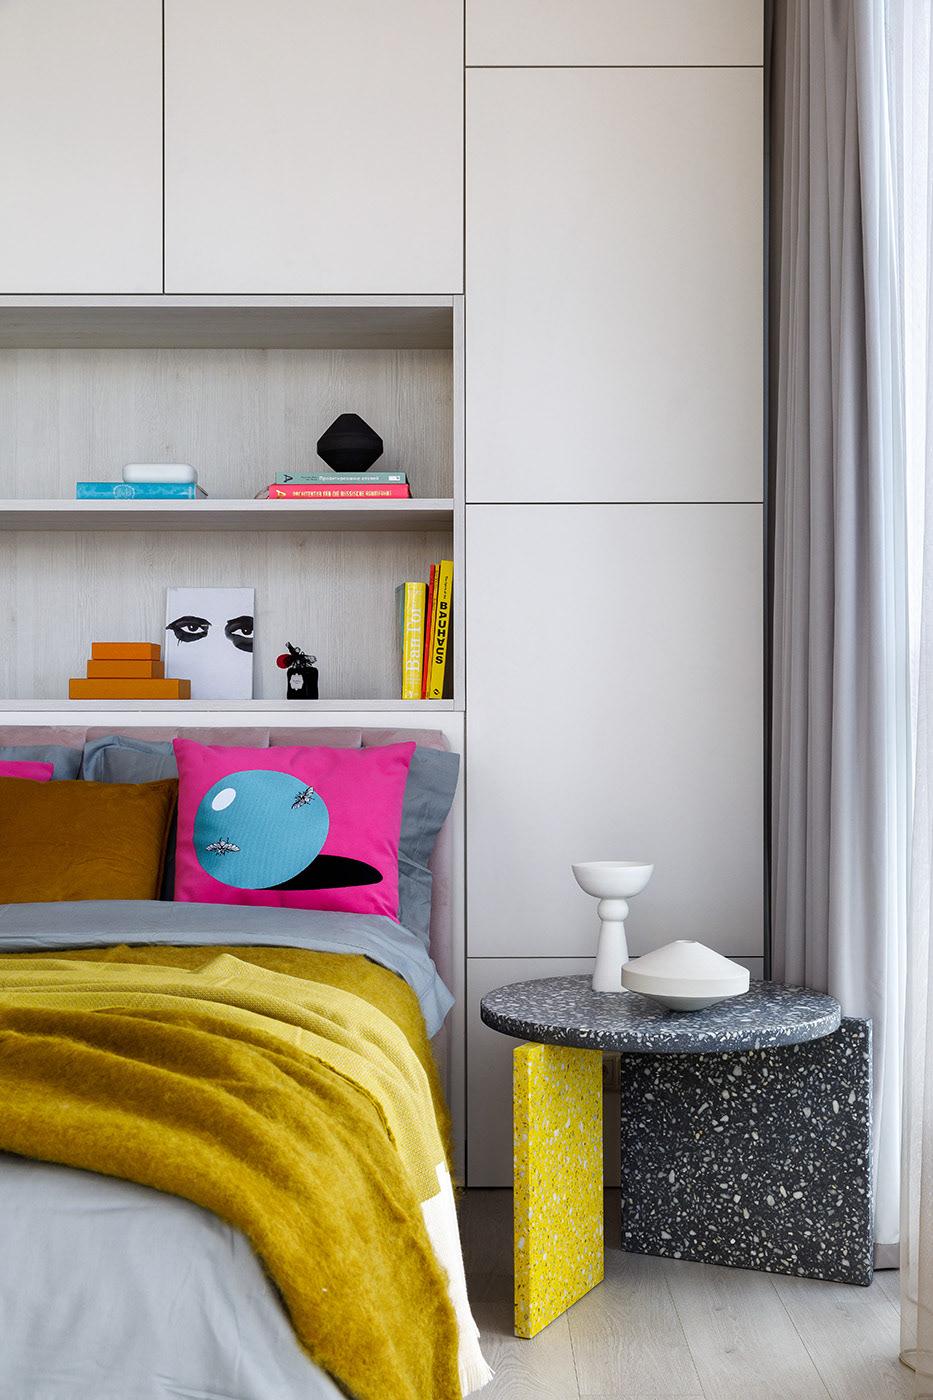 apartment bedroom design Interior interior design  декор дизайн дизайн интерьера интерьер квартира